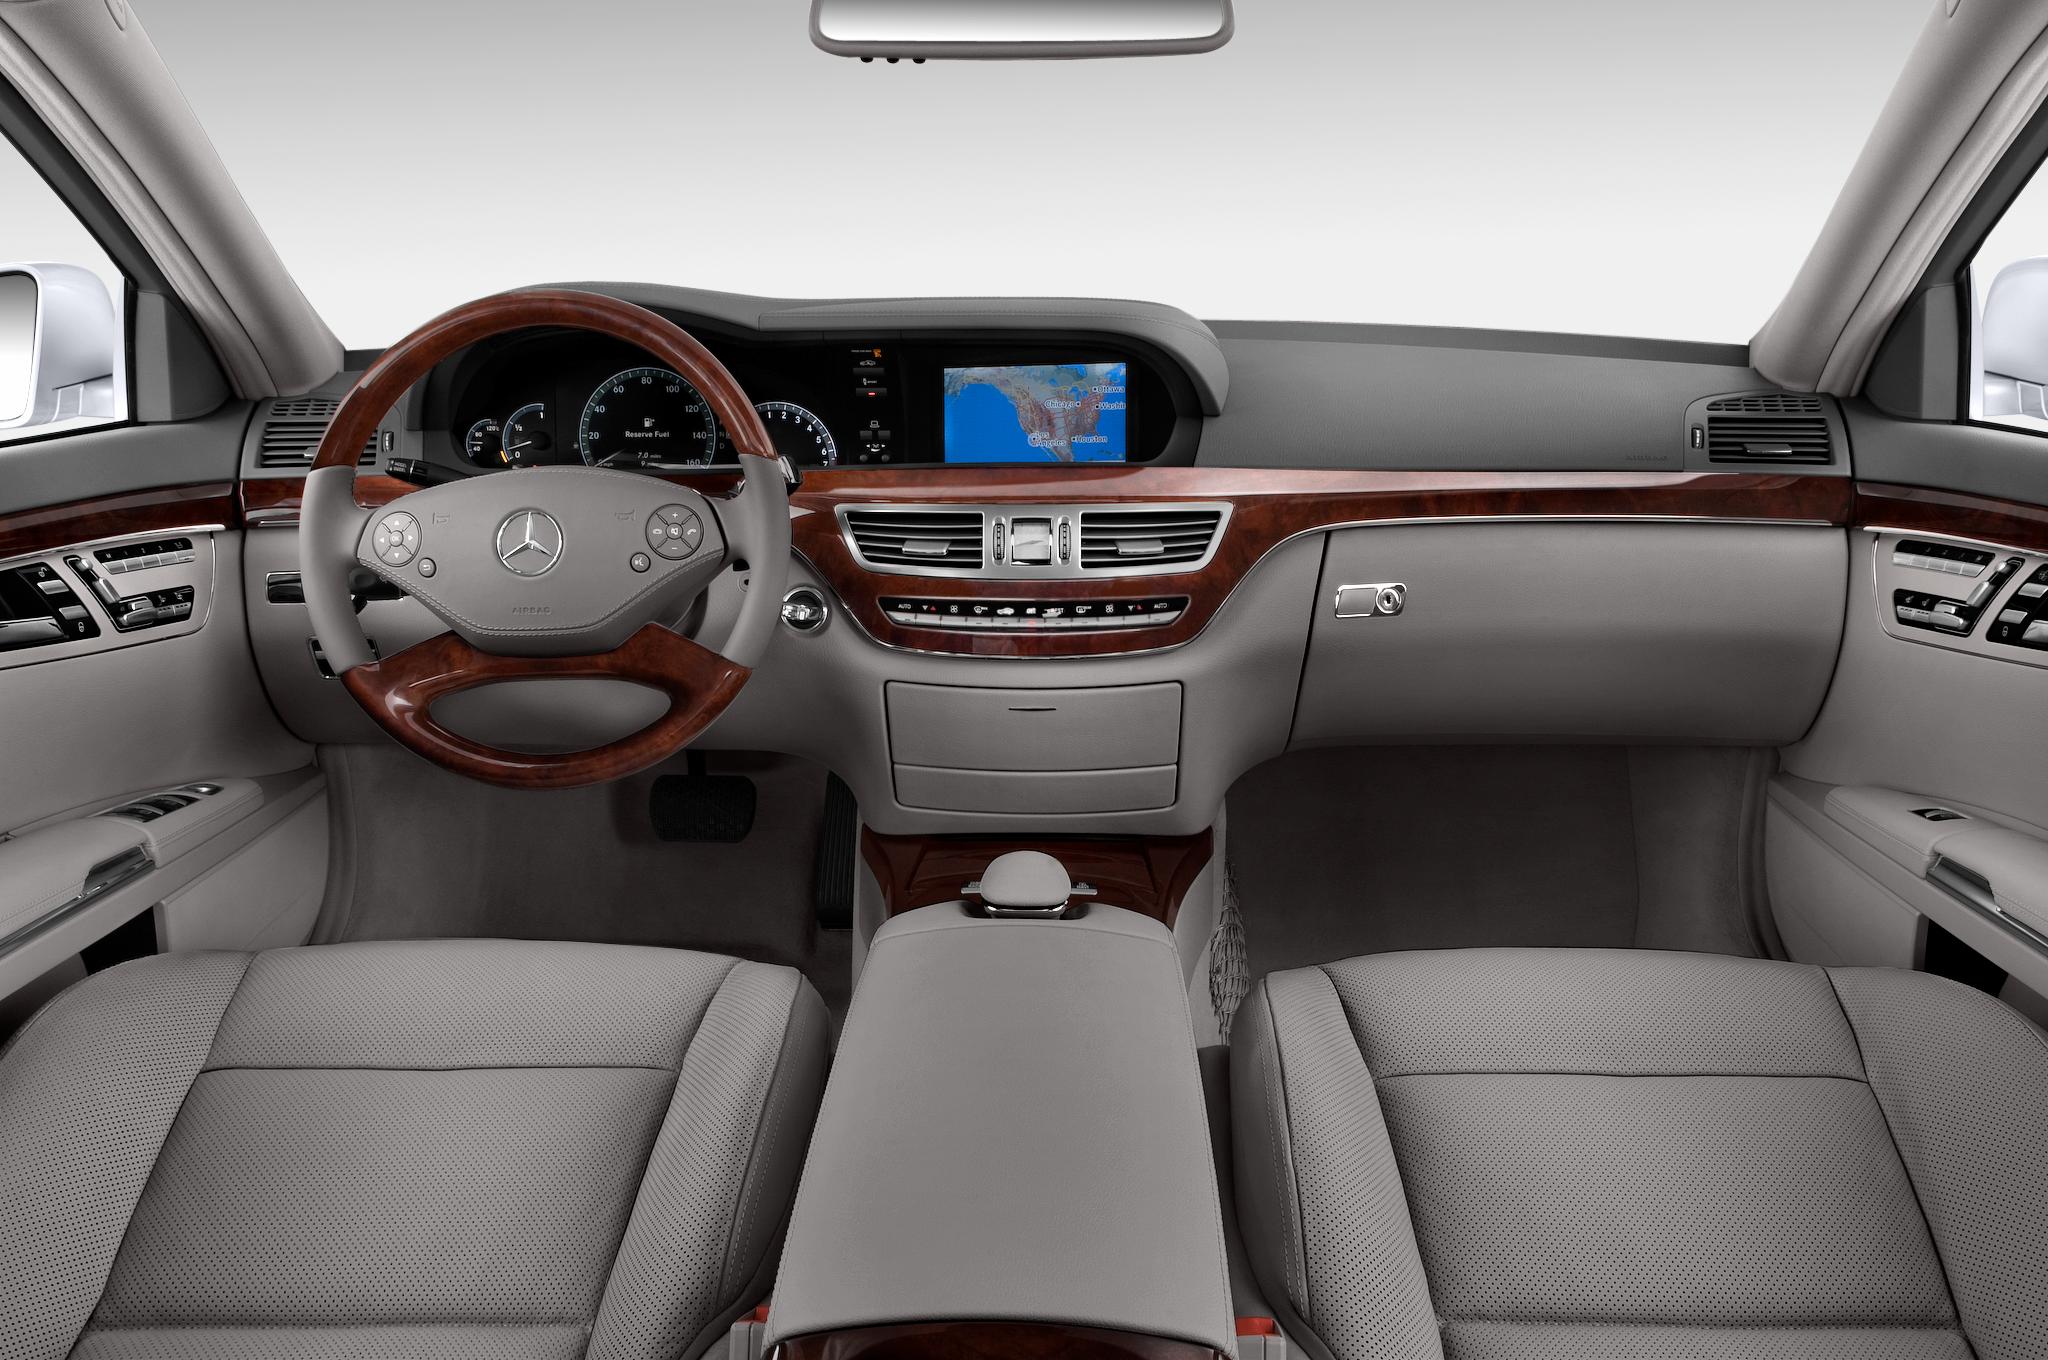 2013 mercedes benz s class s550 interior photos msn autosslide 1 of 11 2013 mercedes benz s class